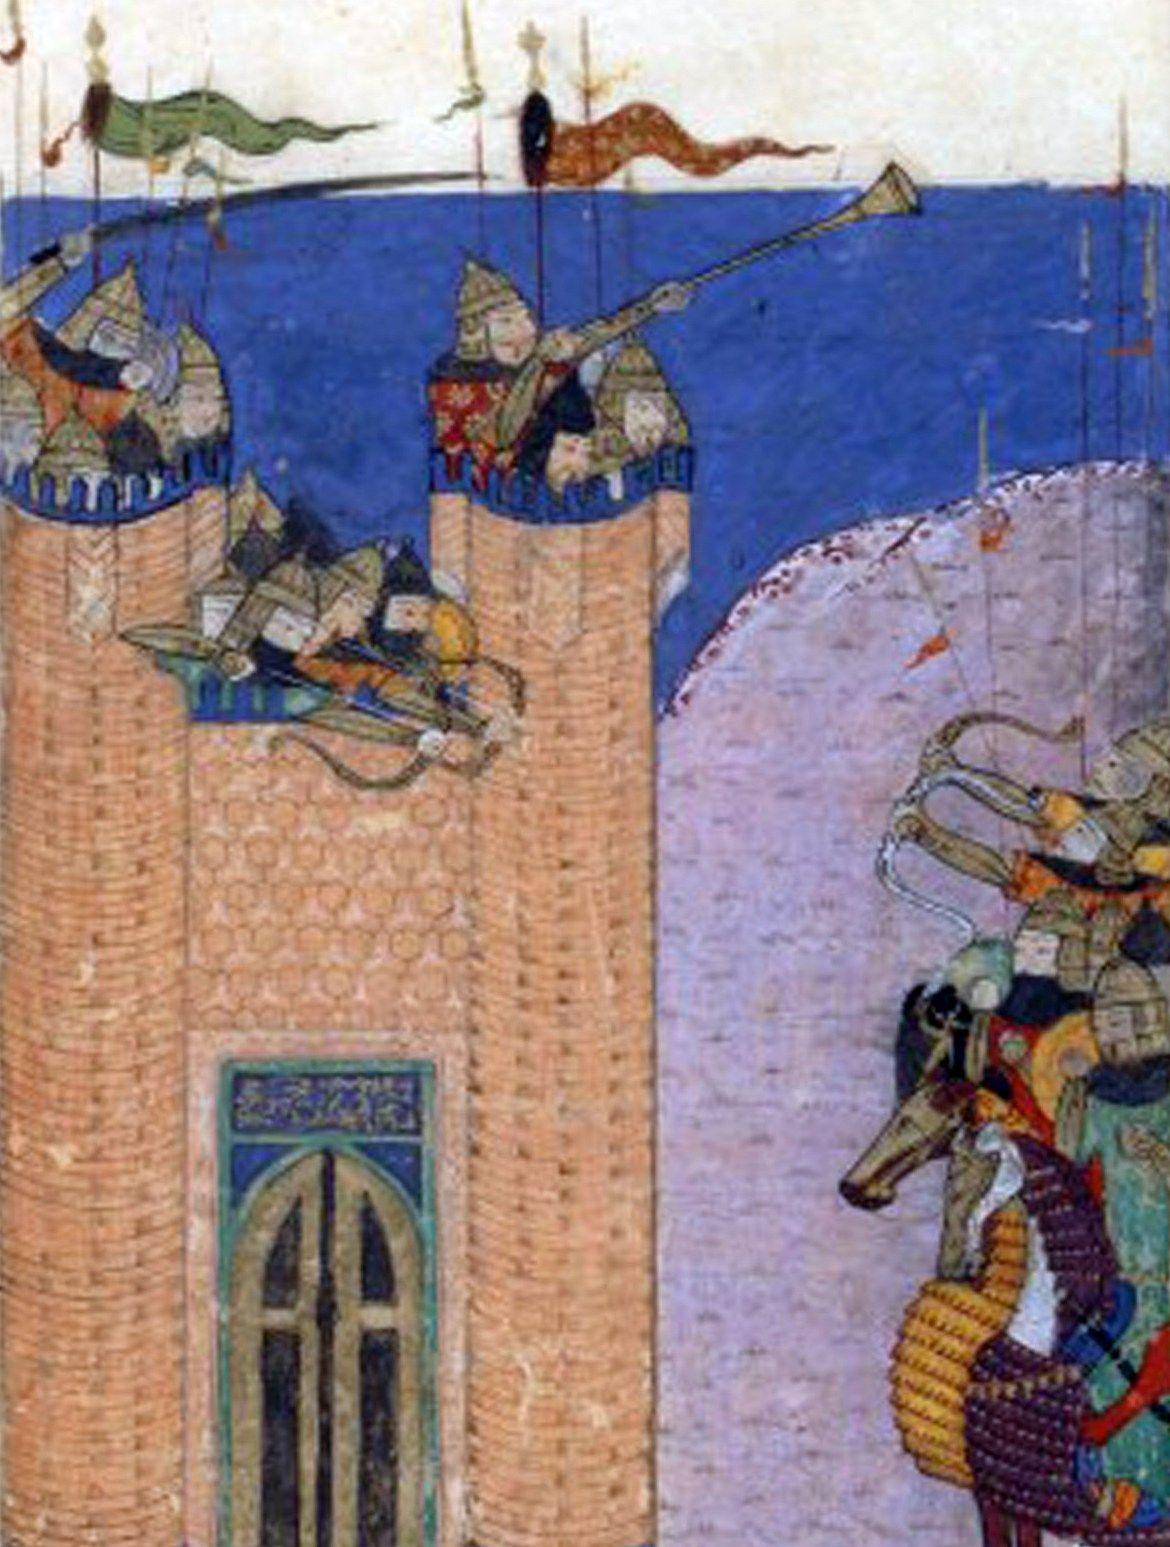 Historia państwa Nizarytów zakończyła się wraz ze zdobyciem Alamutu przez Mongołów w 1256 roku. Twierdza została zburzona, a ten, który ją poddał, bardzo źle na tym wyszedł... Miniatura z epoki przedstawiająca oblężenie (źródło: domena publiczna).